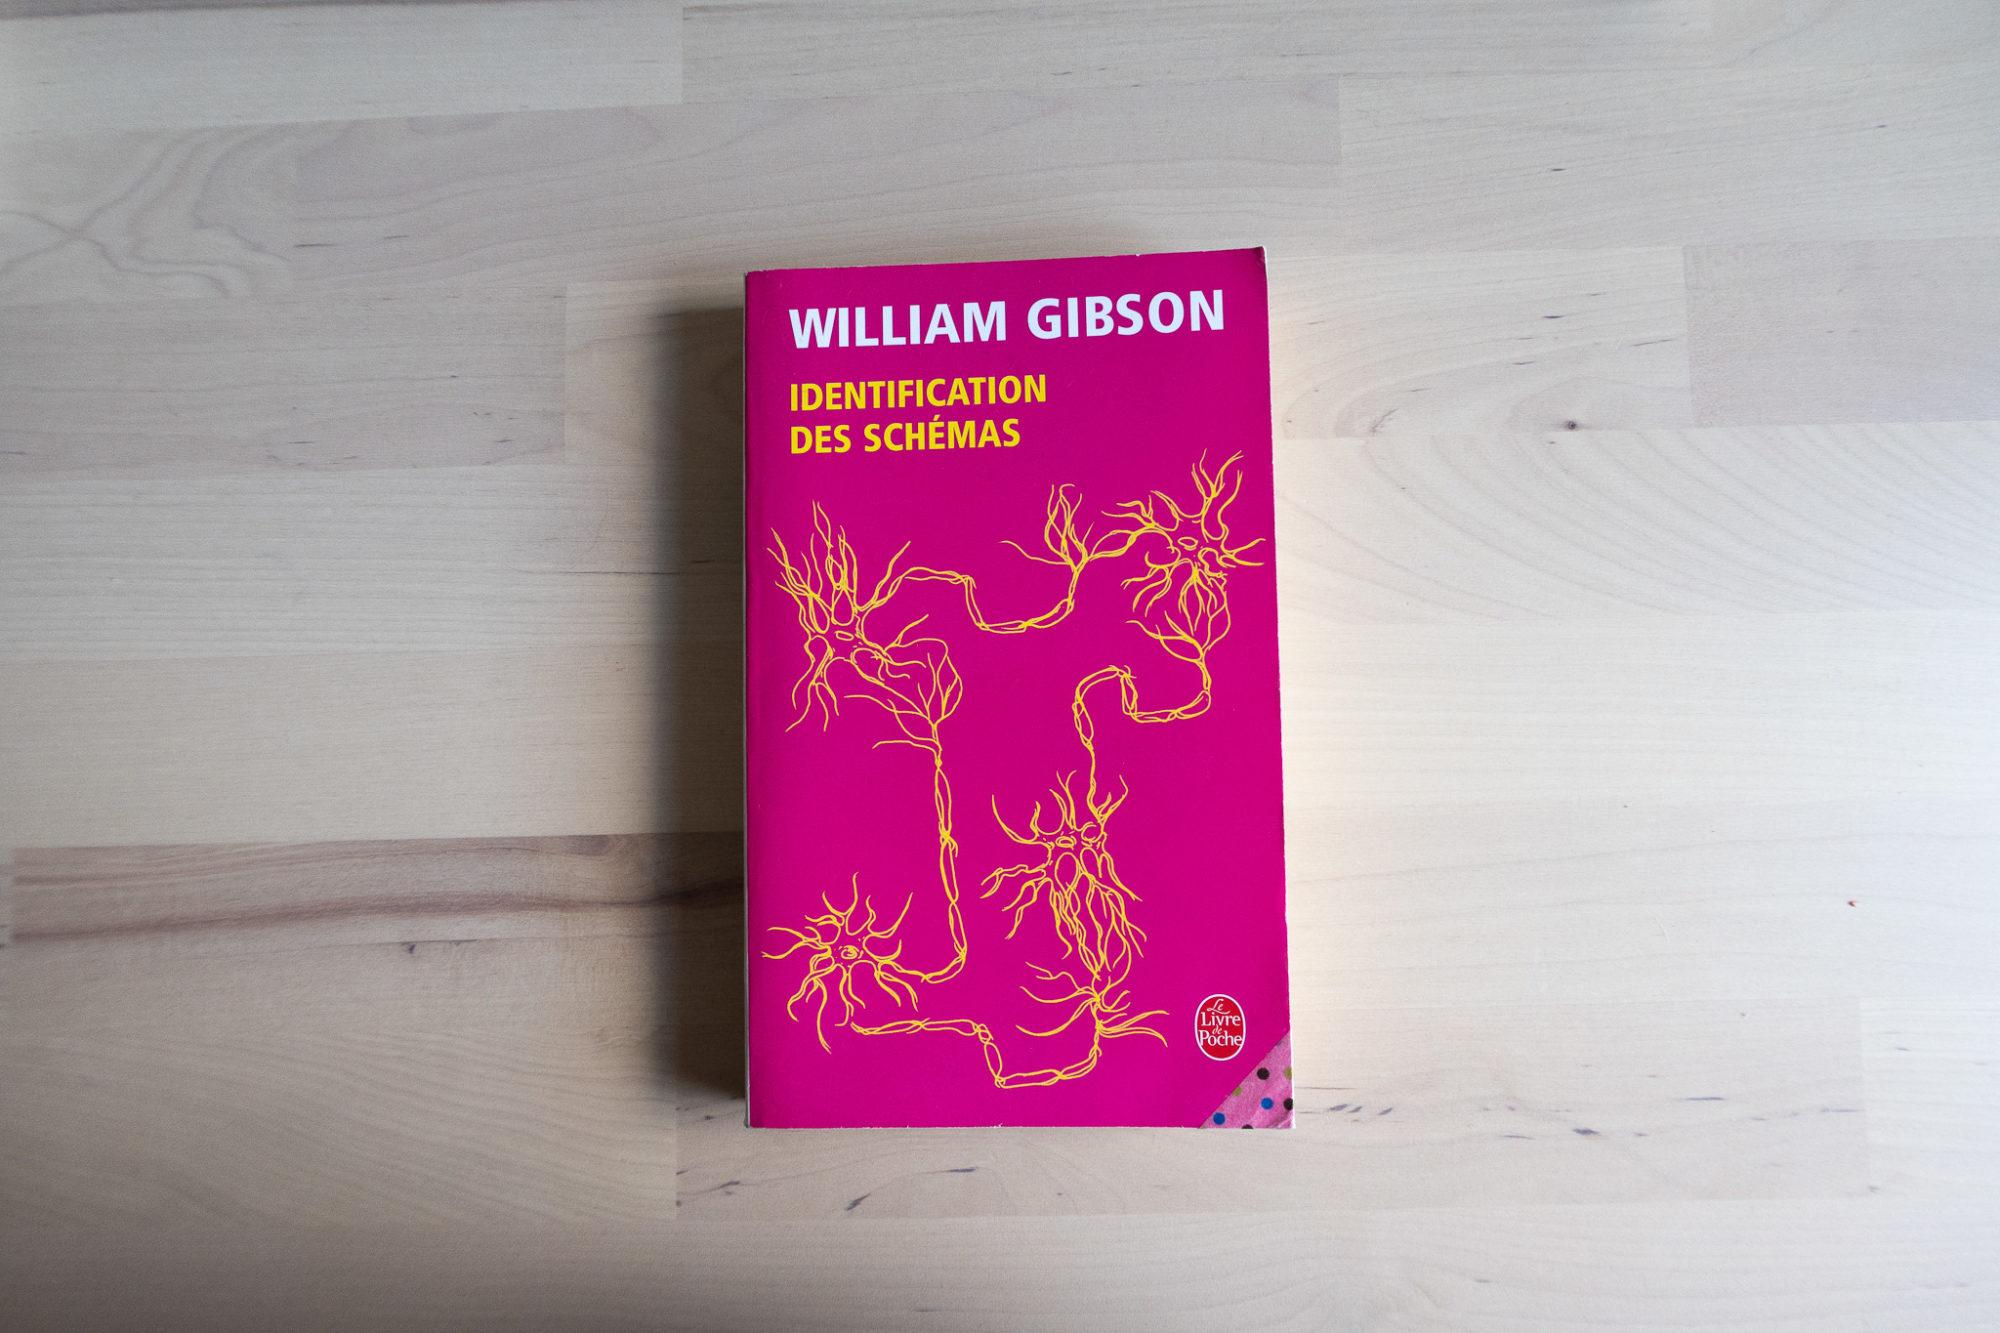 Identification des schémas, de William Gibson